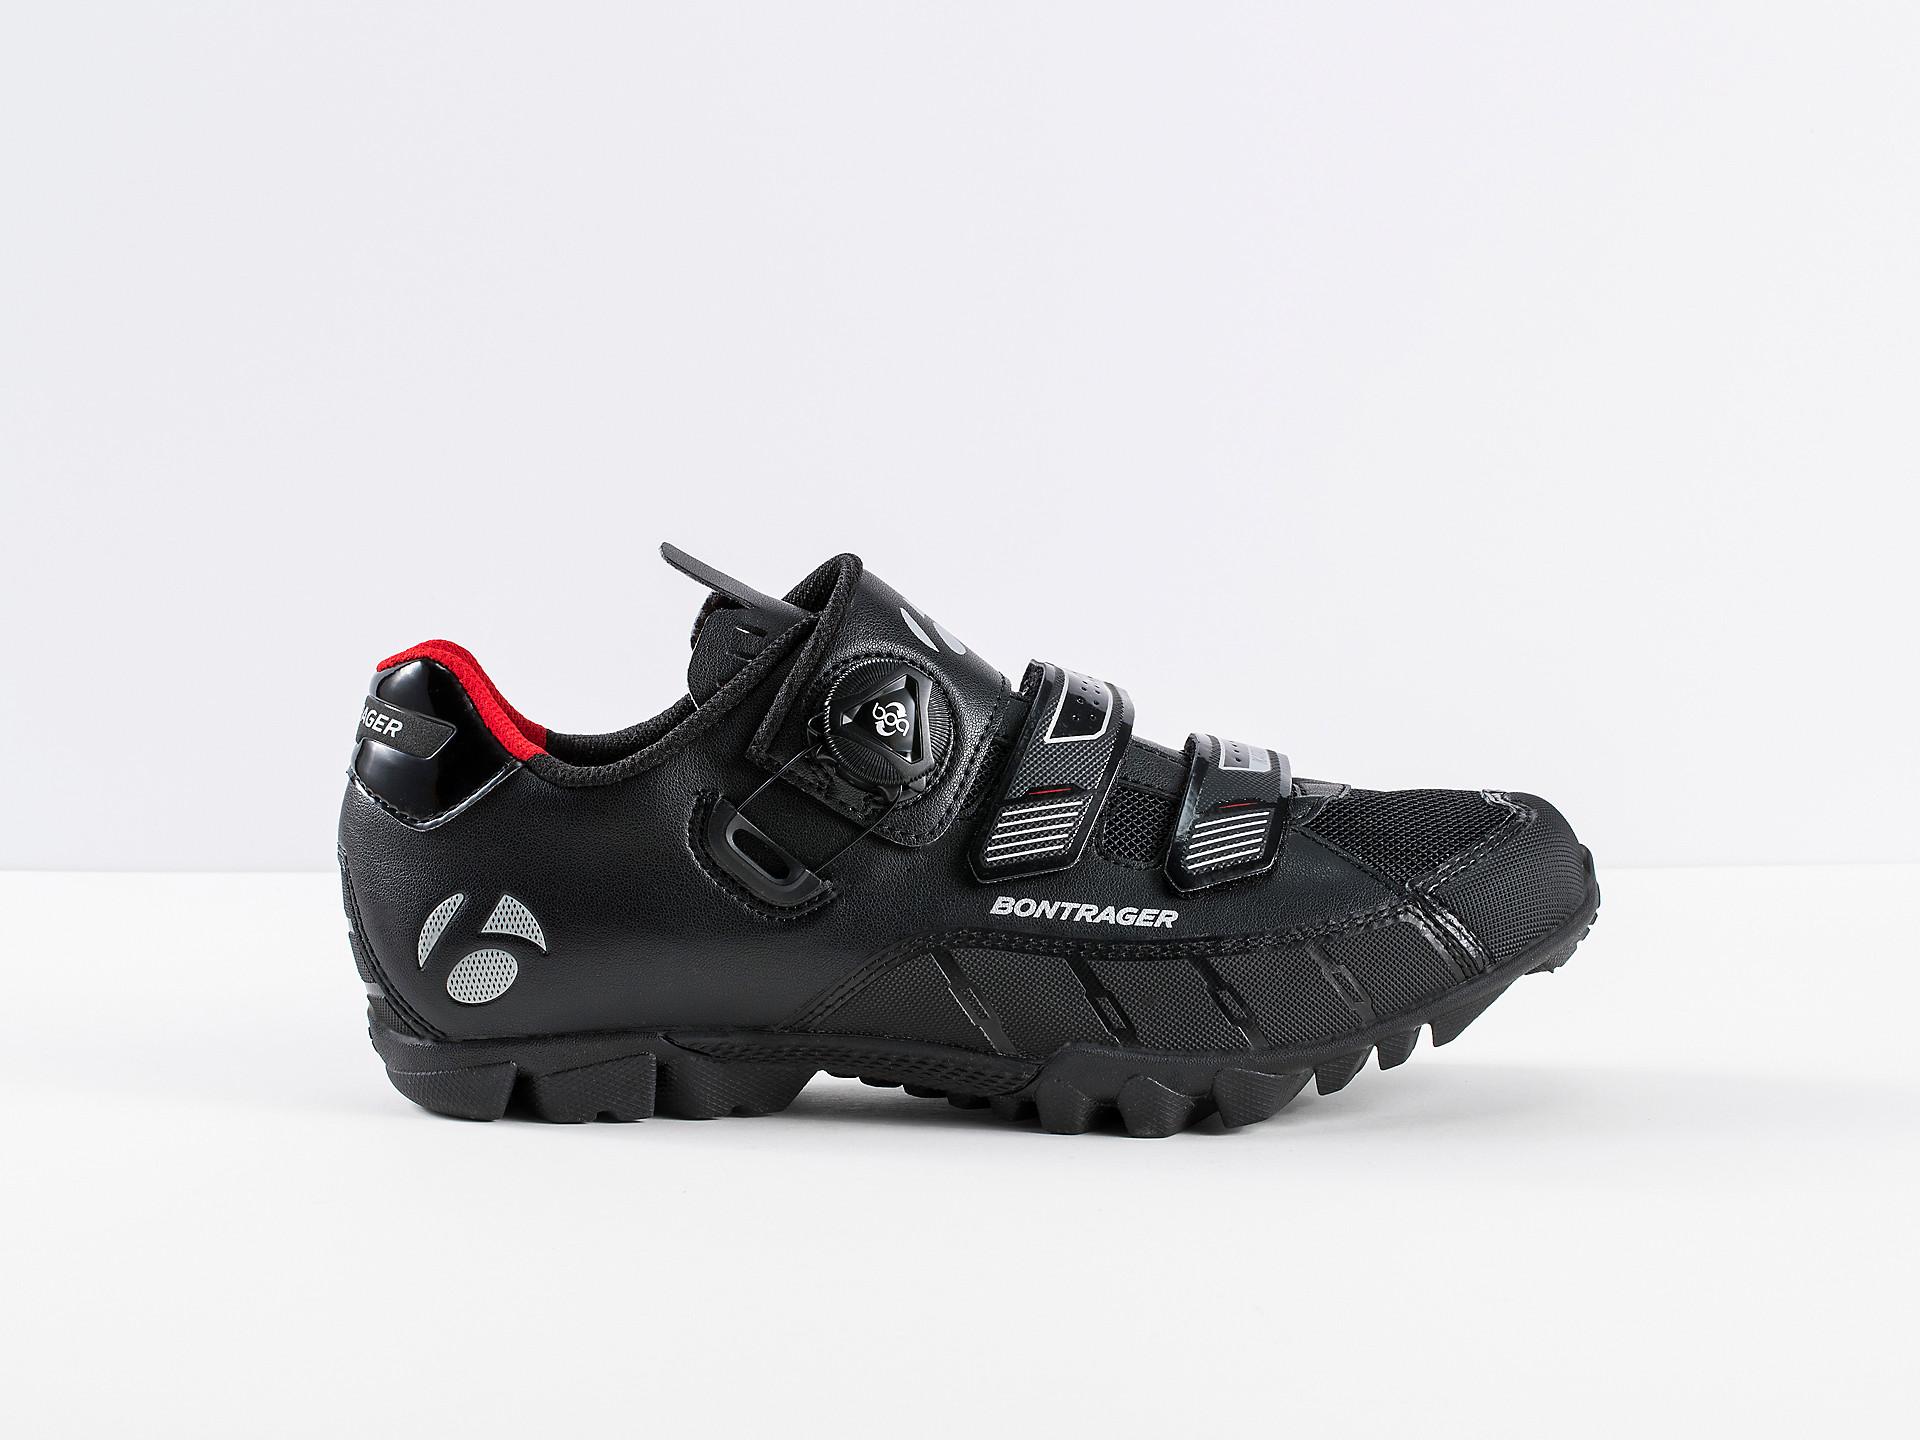 5b8e804fd826ee Bontrager Katan Mountain Shoe